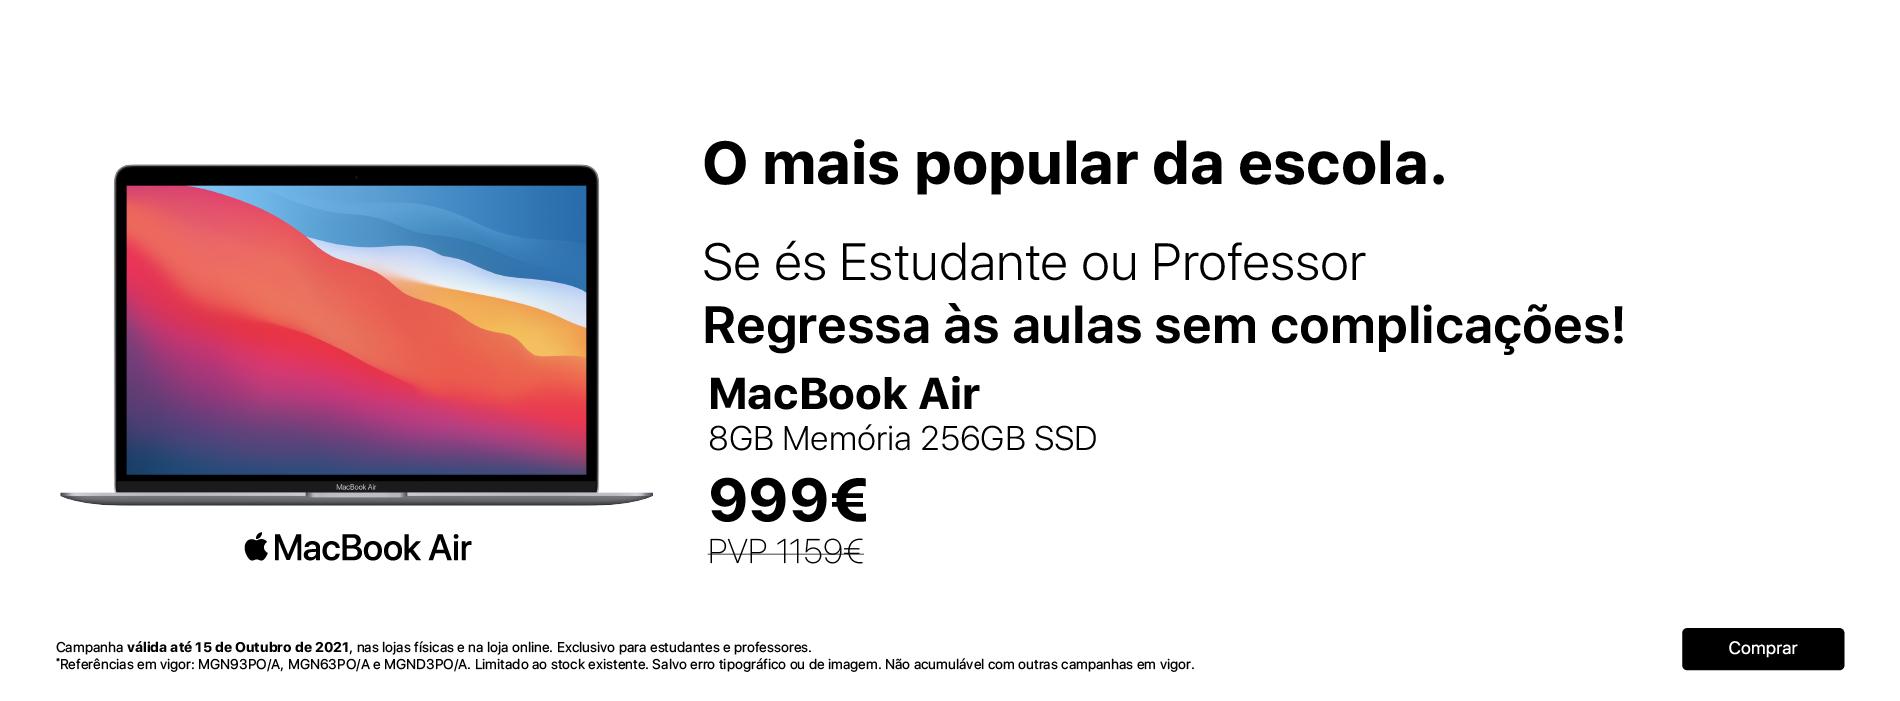 MacBook Air 999€